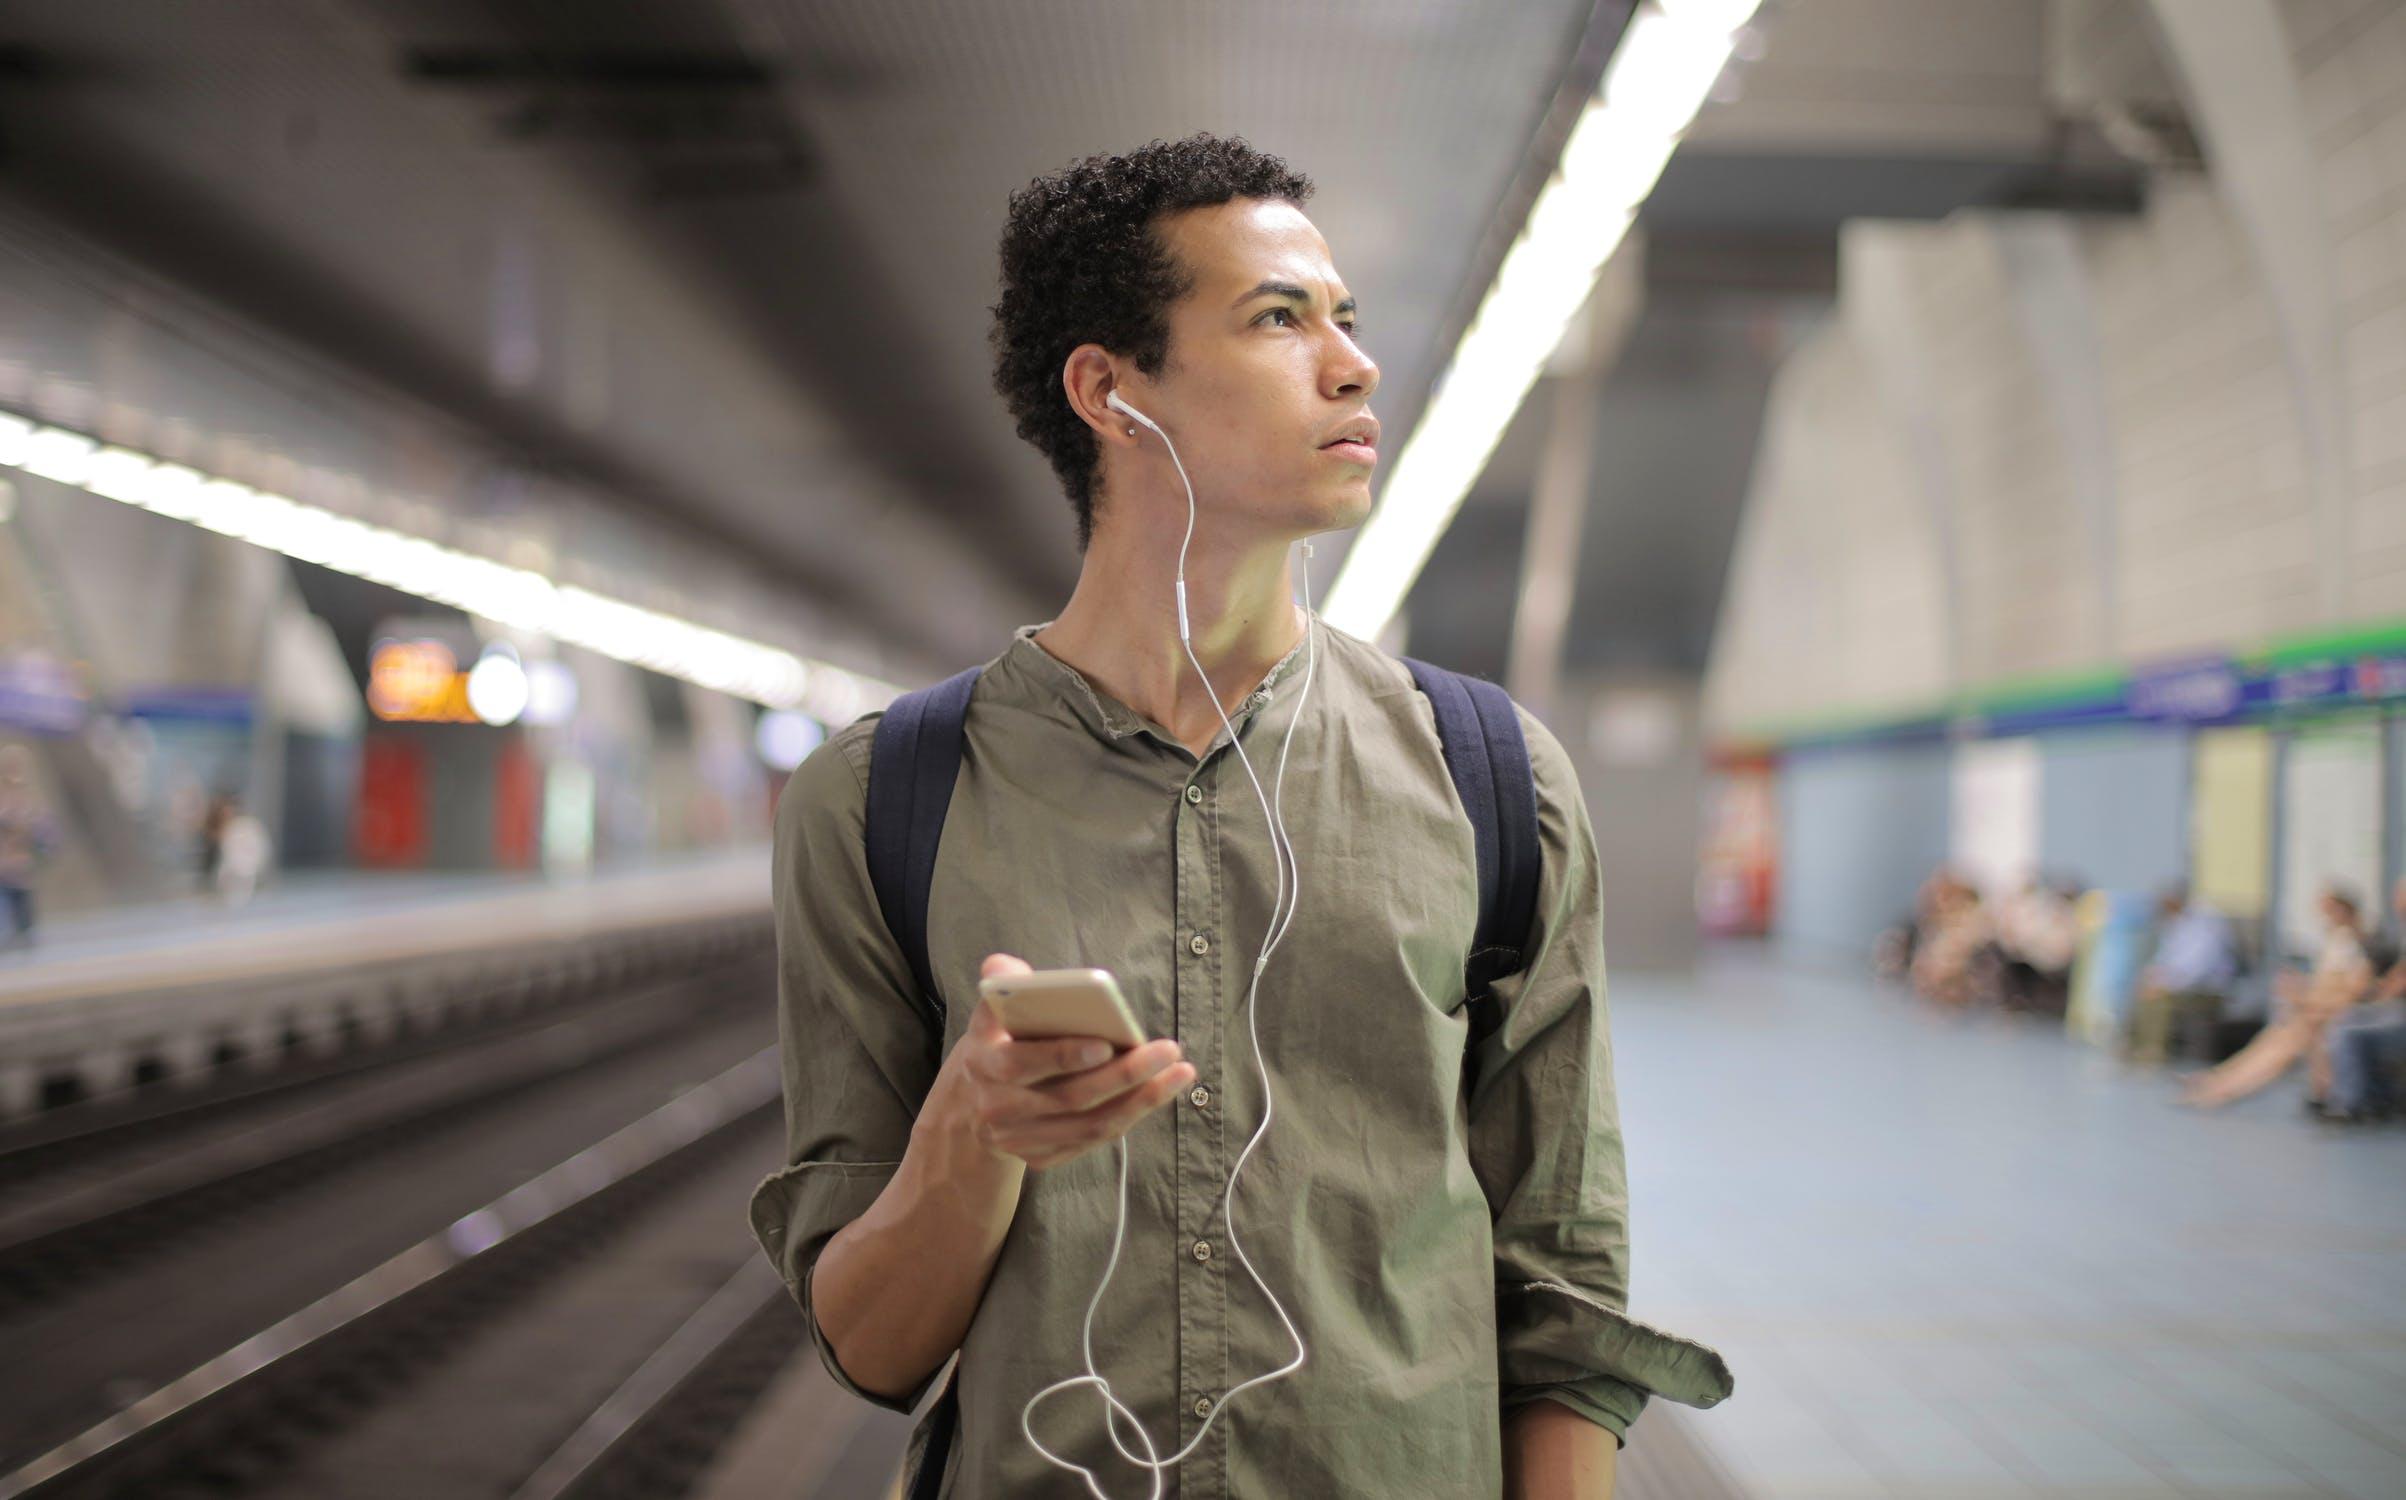 Jongeman die luistert naar muziek op een metrostation